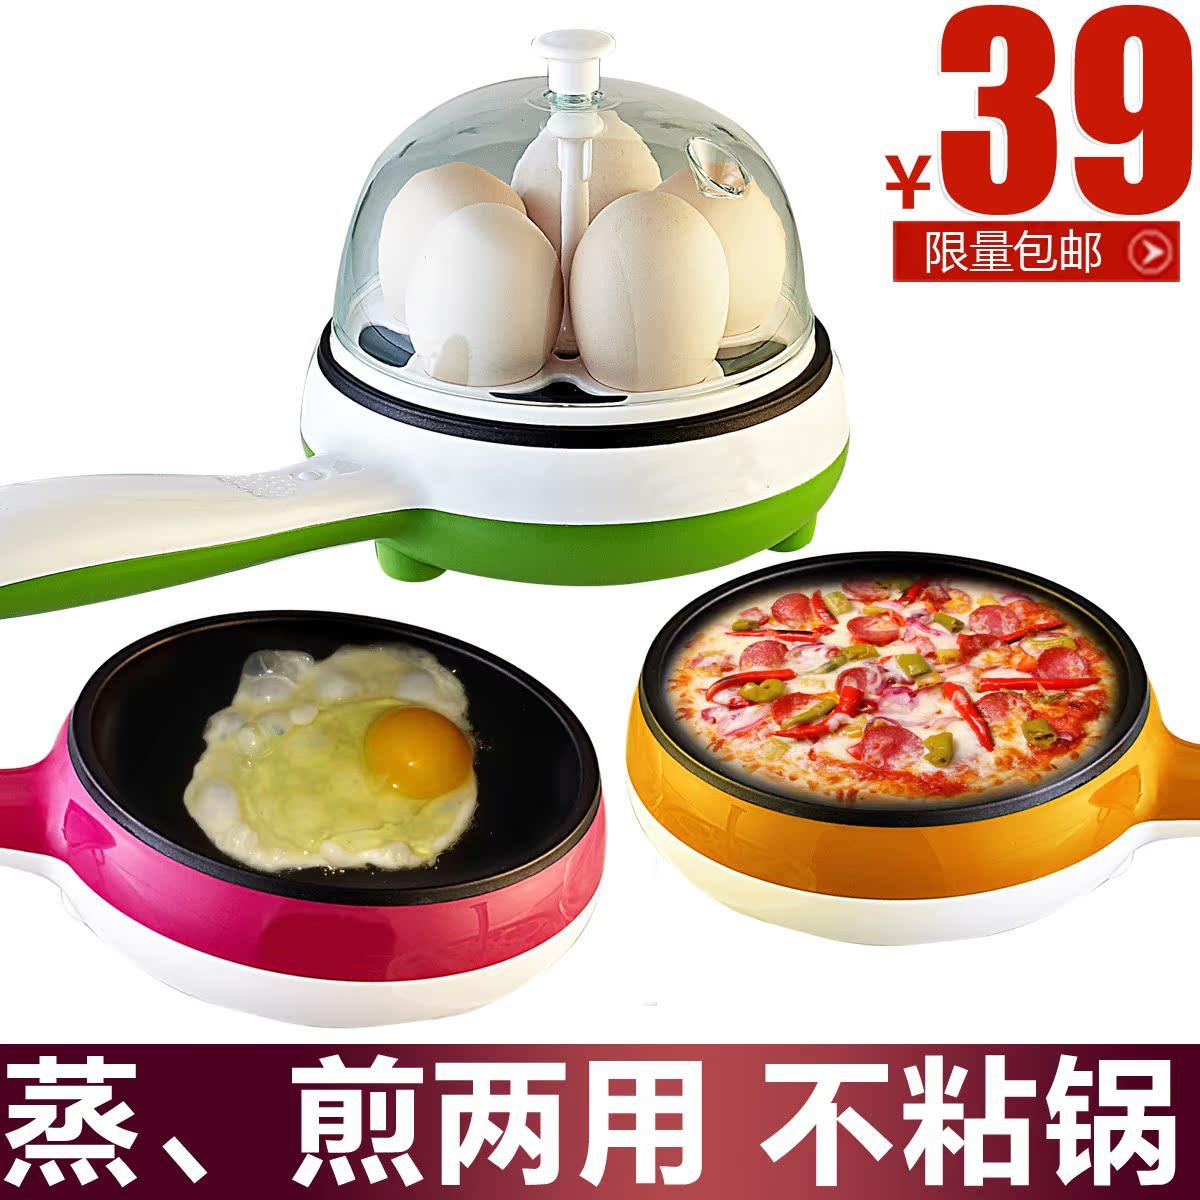 鑫虎煮蛋器不粘锅煎蛋器 多功能营养早餐蛋炒饭小蒸蛋机 特价包邮